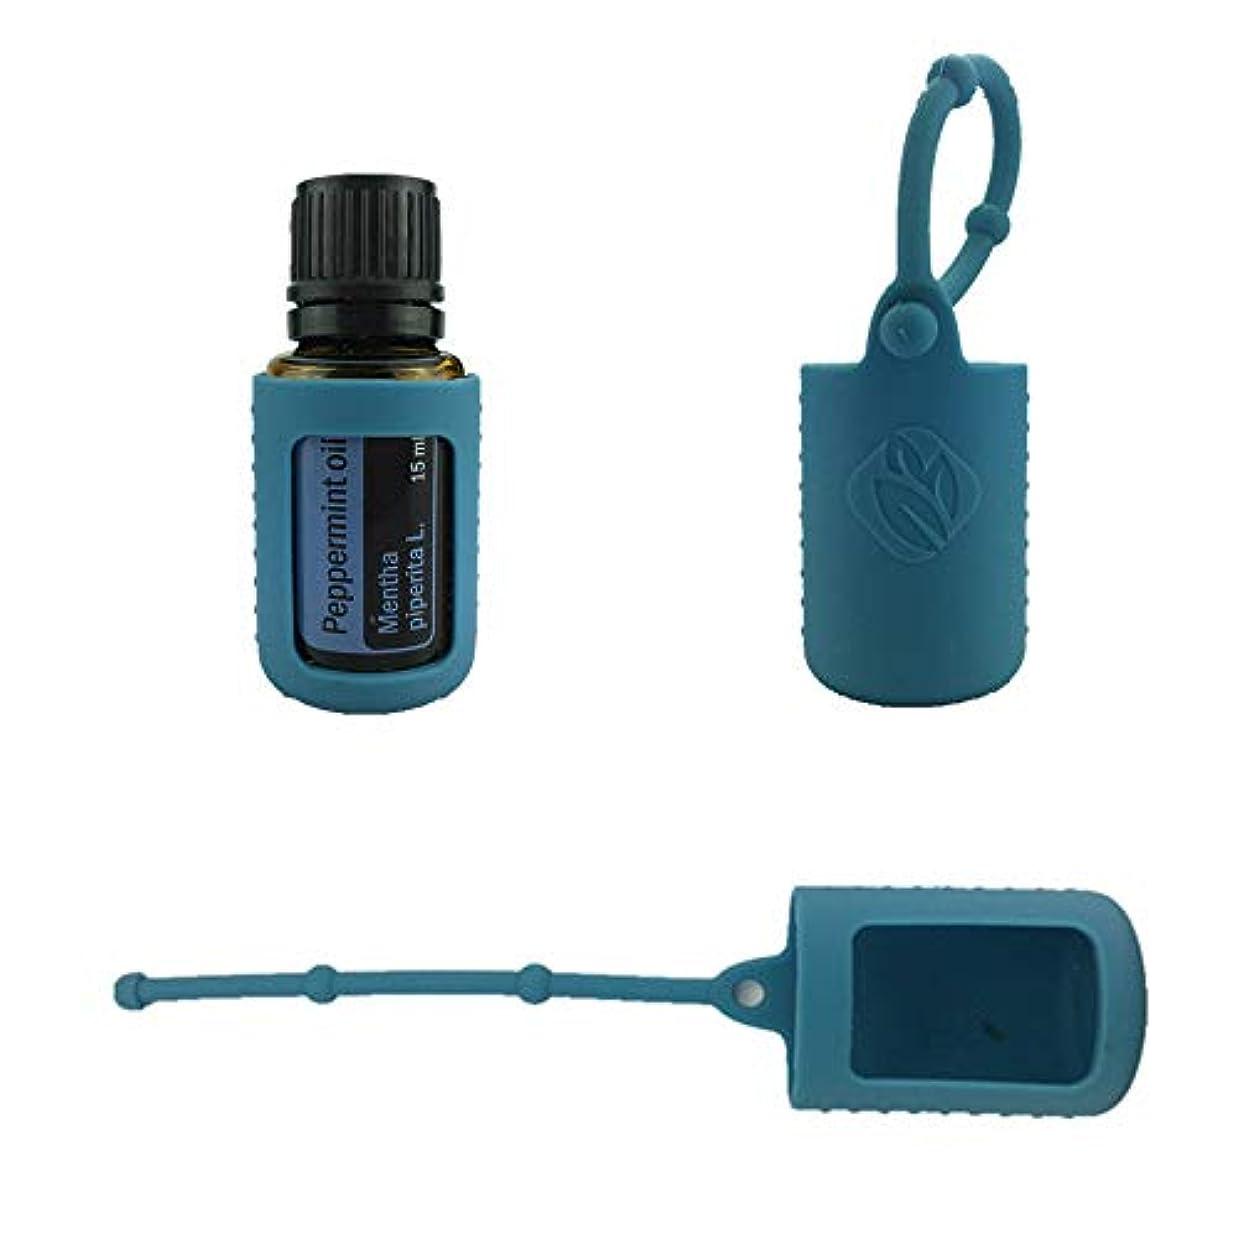 麦芽最大限厳6パック熱望オイルボトルシリコンローラーボトルホルダースリーブエッセンシャルオイルボトル保護カバーケースハングロープ - ダンク ブルー - 6-pcs 5ml